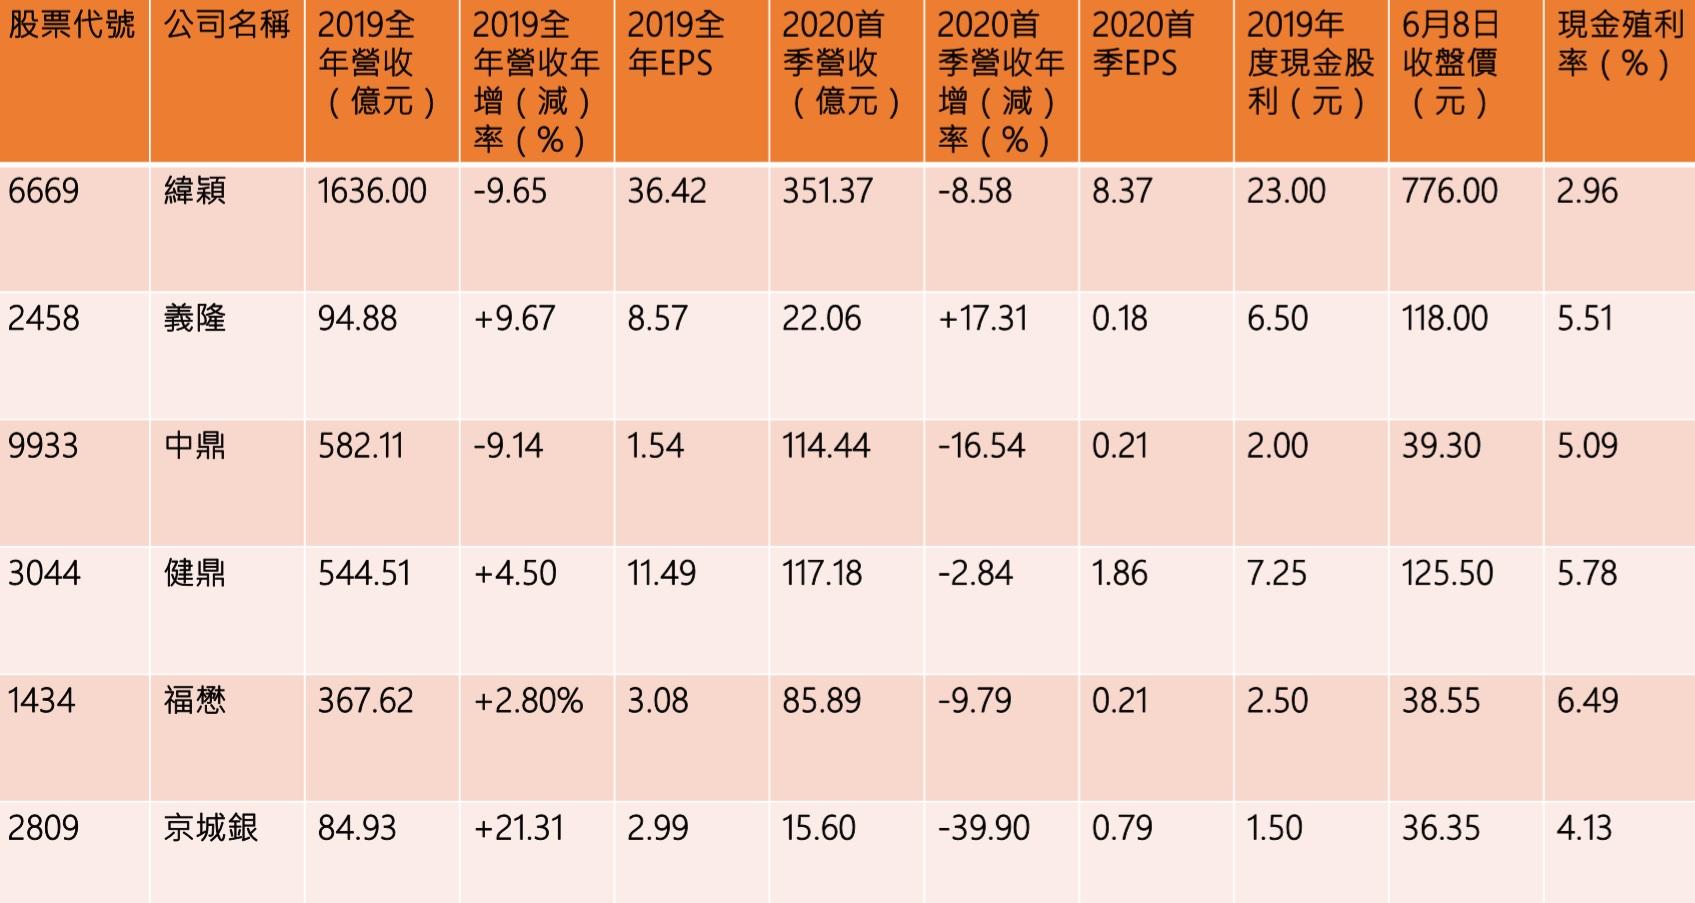 0050、0056新增成分股